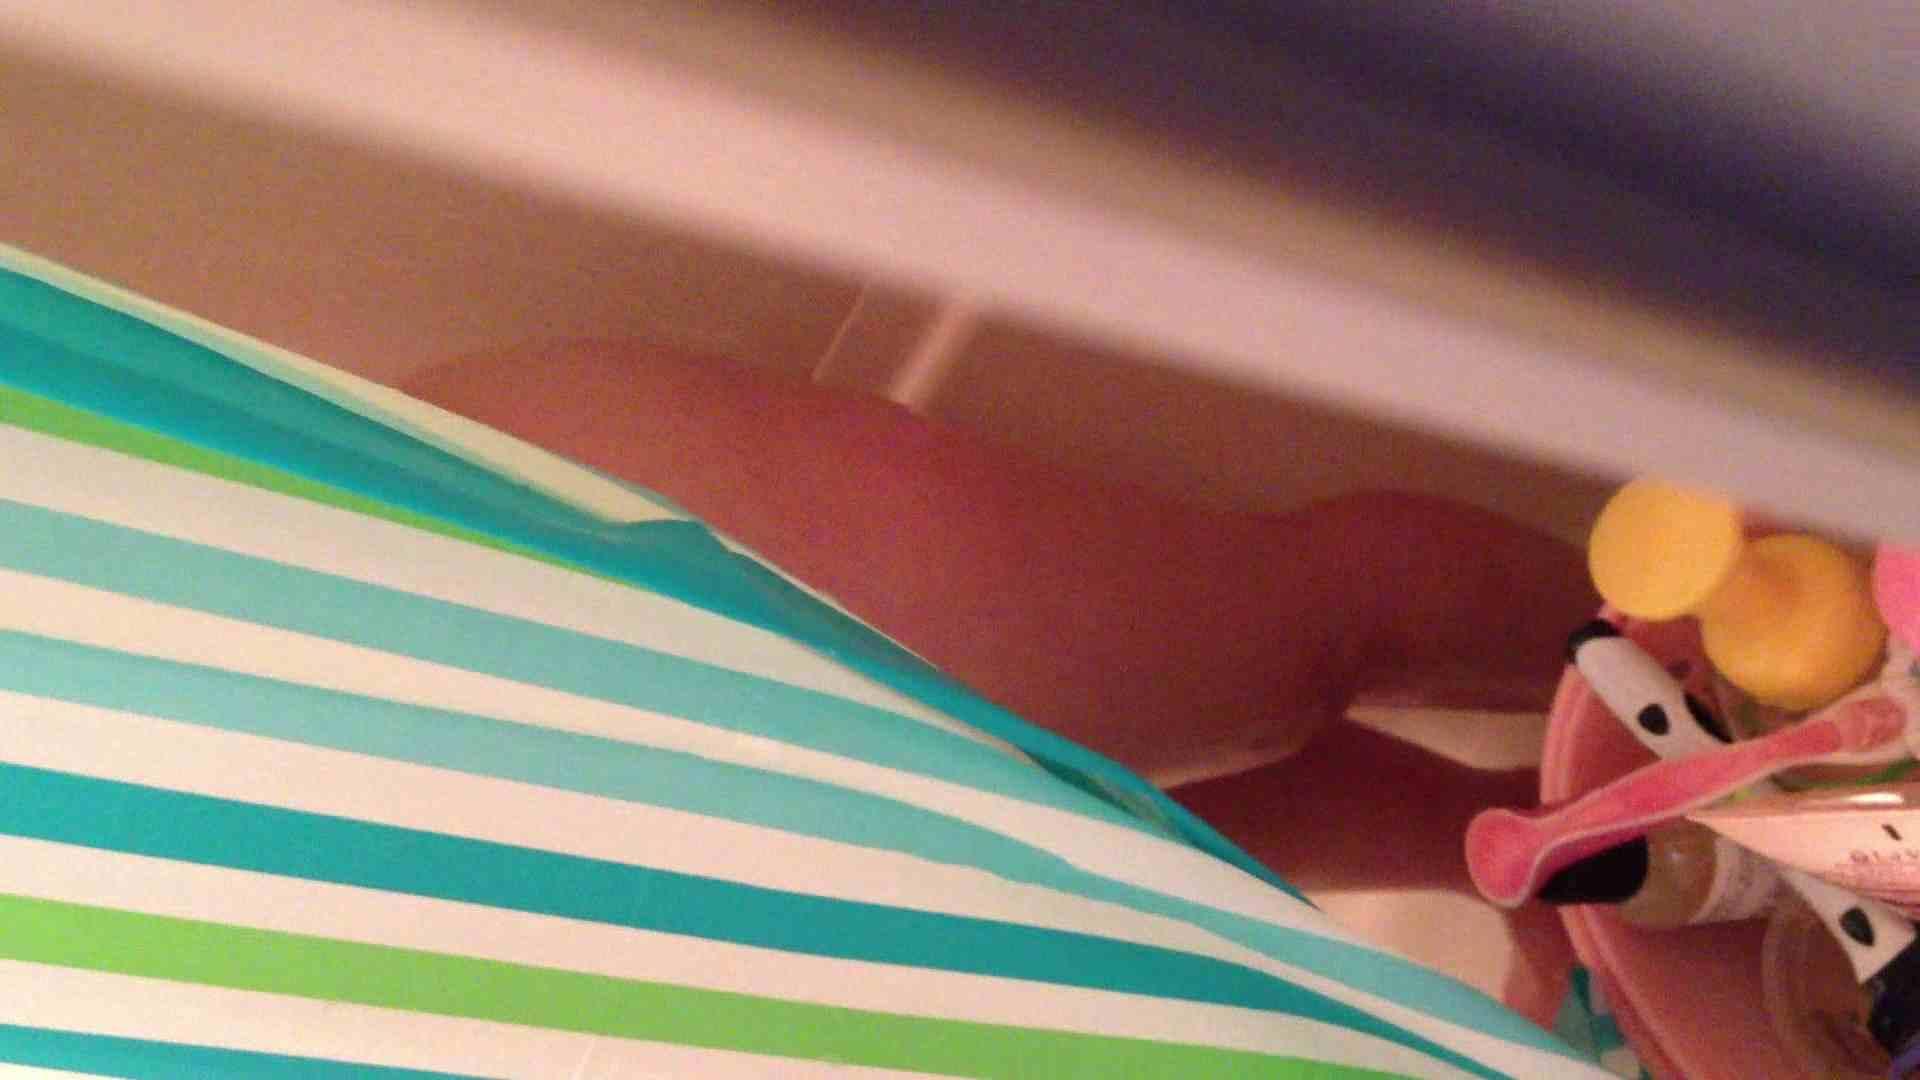 16(16日目)シャワー中にムダ毛処理をする彼女 パイパン映像 | 一般投稿  100pic 49